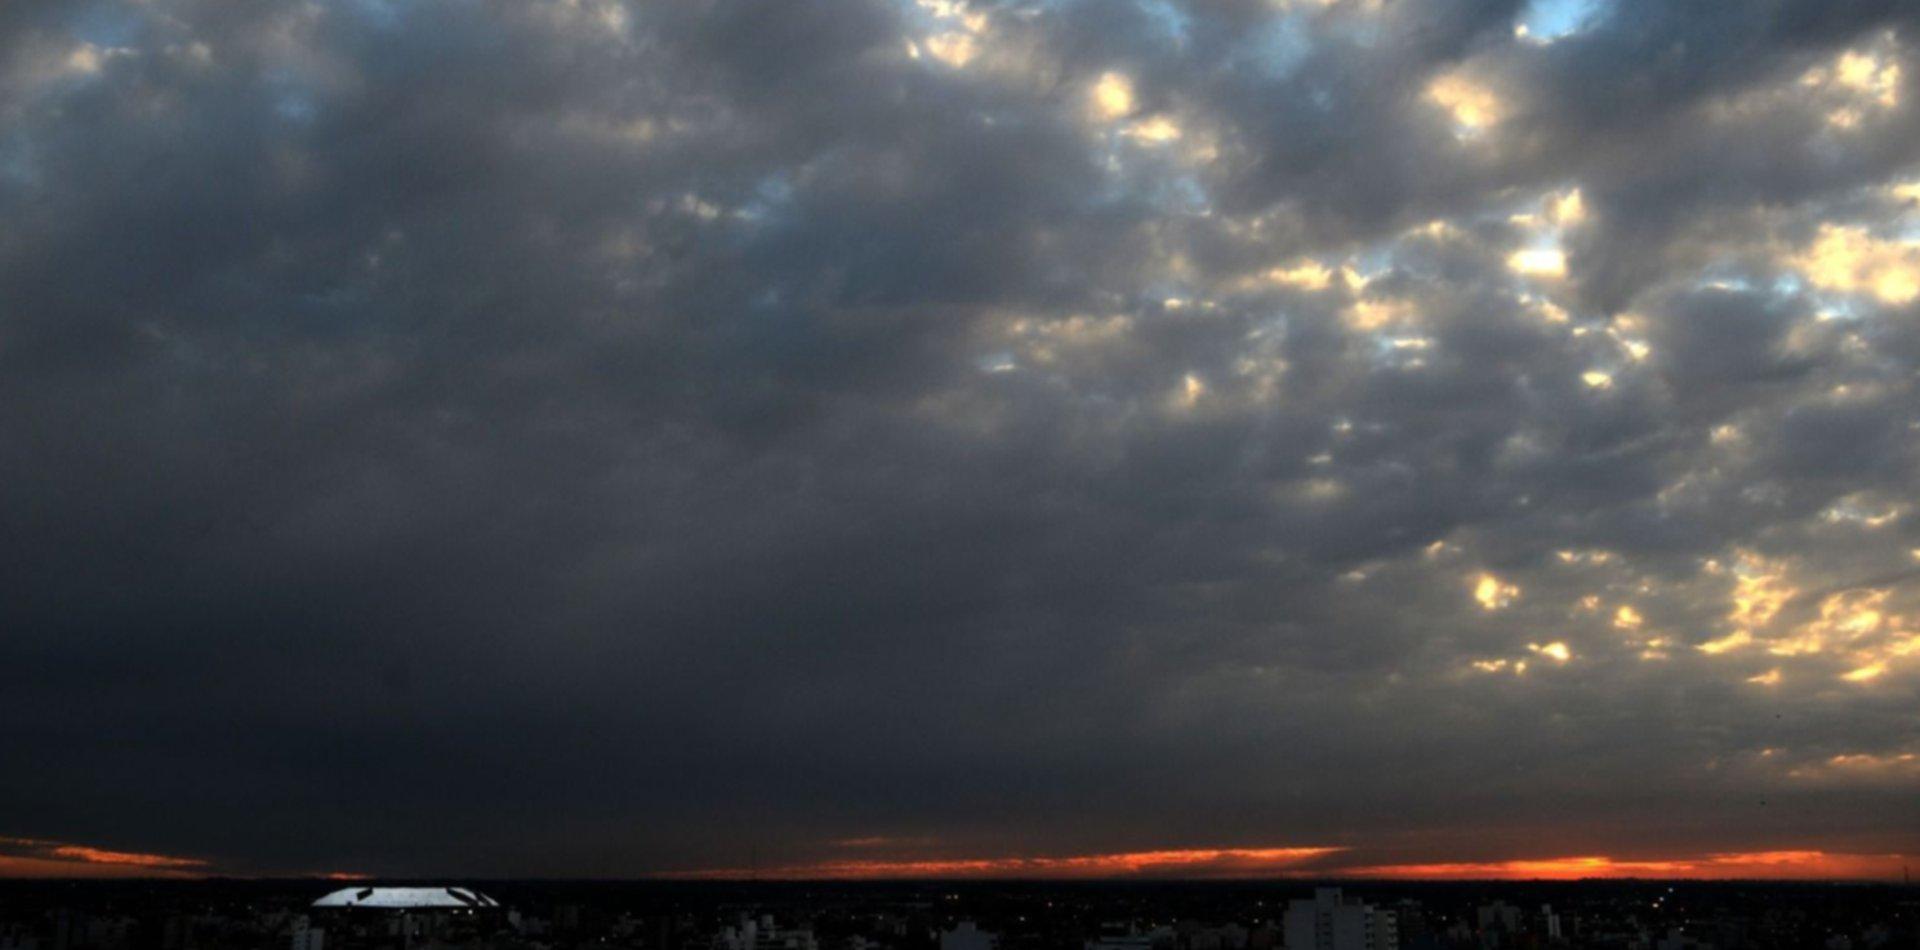 Cesó la alerta naranja y así estará el clima este domingo en La Plata